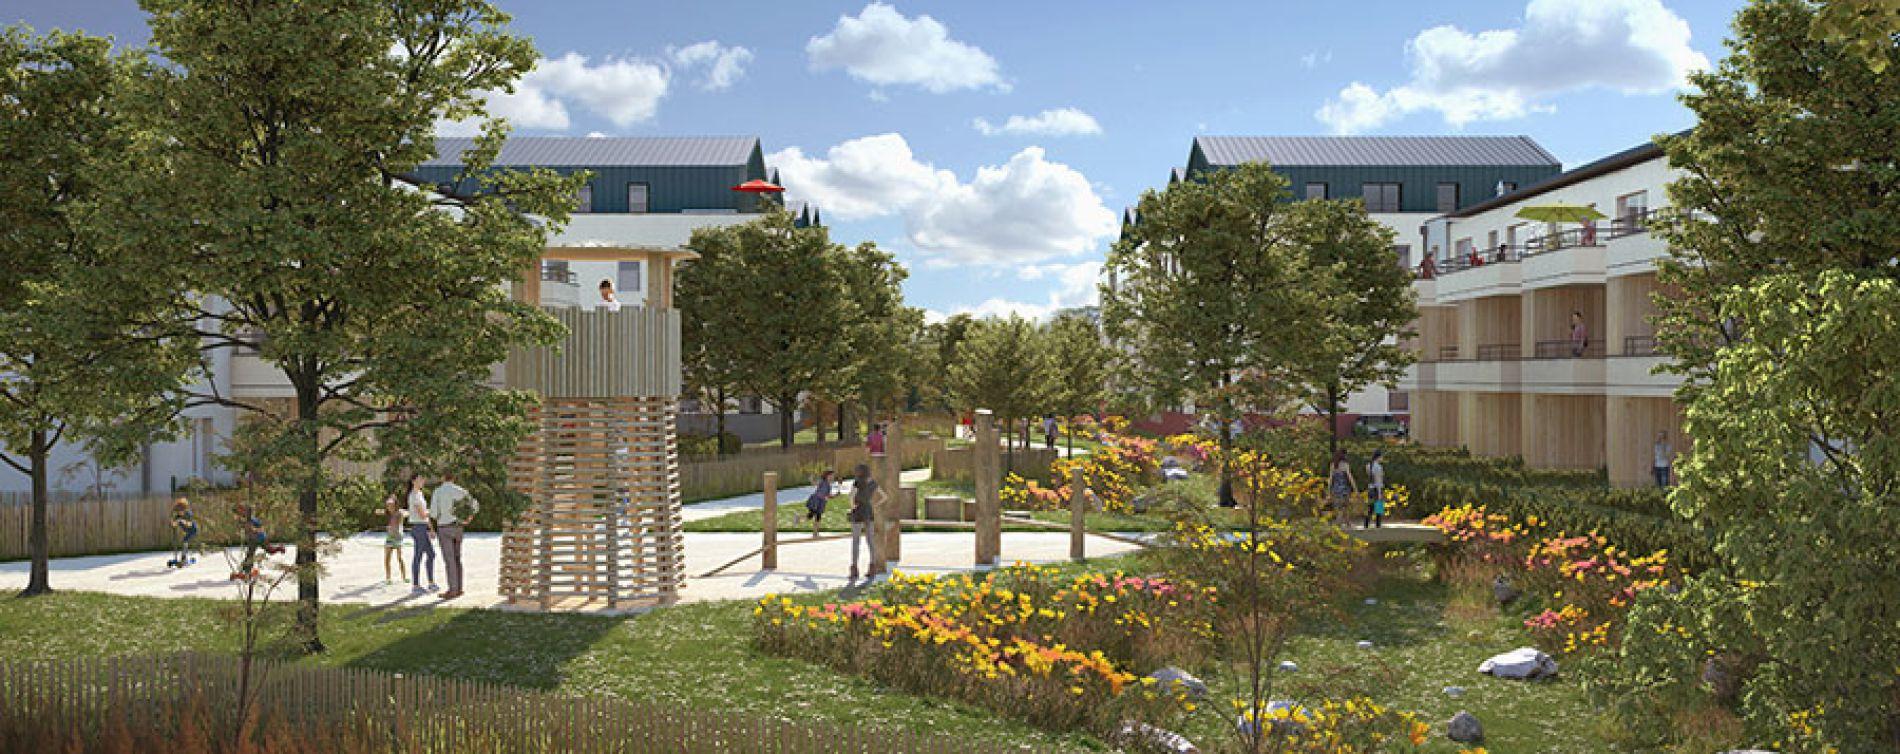 Résidence Parc Beau'Lieu au Mans